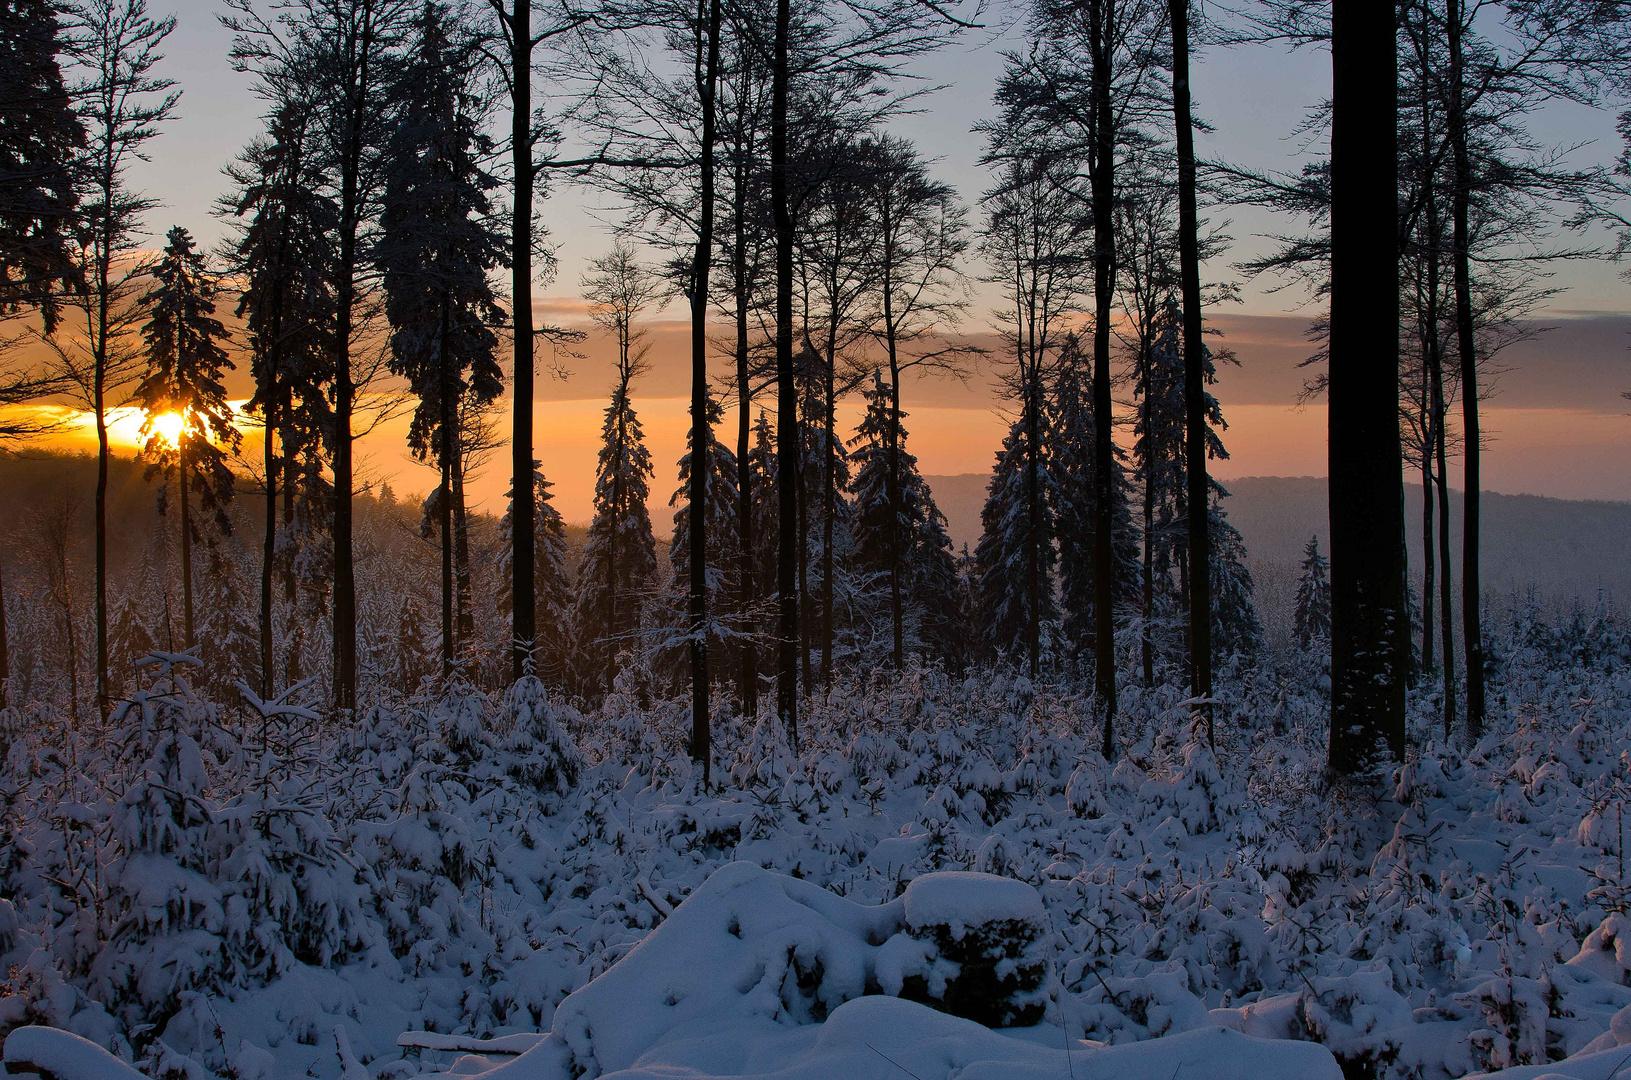 sonnenaufgang und erstes licht im winterwald rothaarkamm foto bild sonnenaufg nge himmel. Black Bedroom Furniture Sets. Home Design Ideas